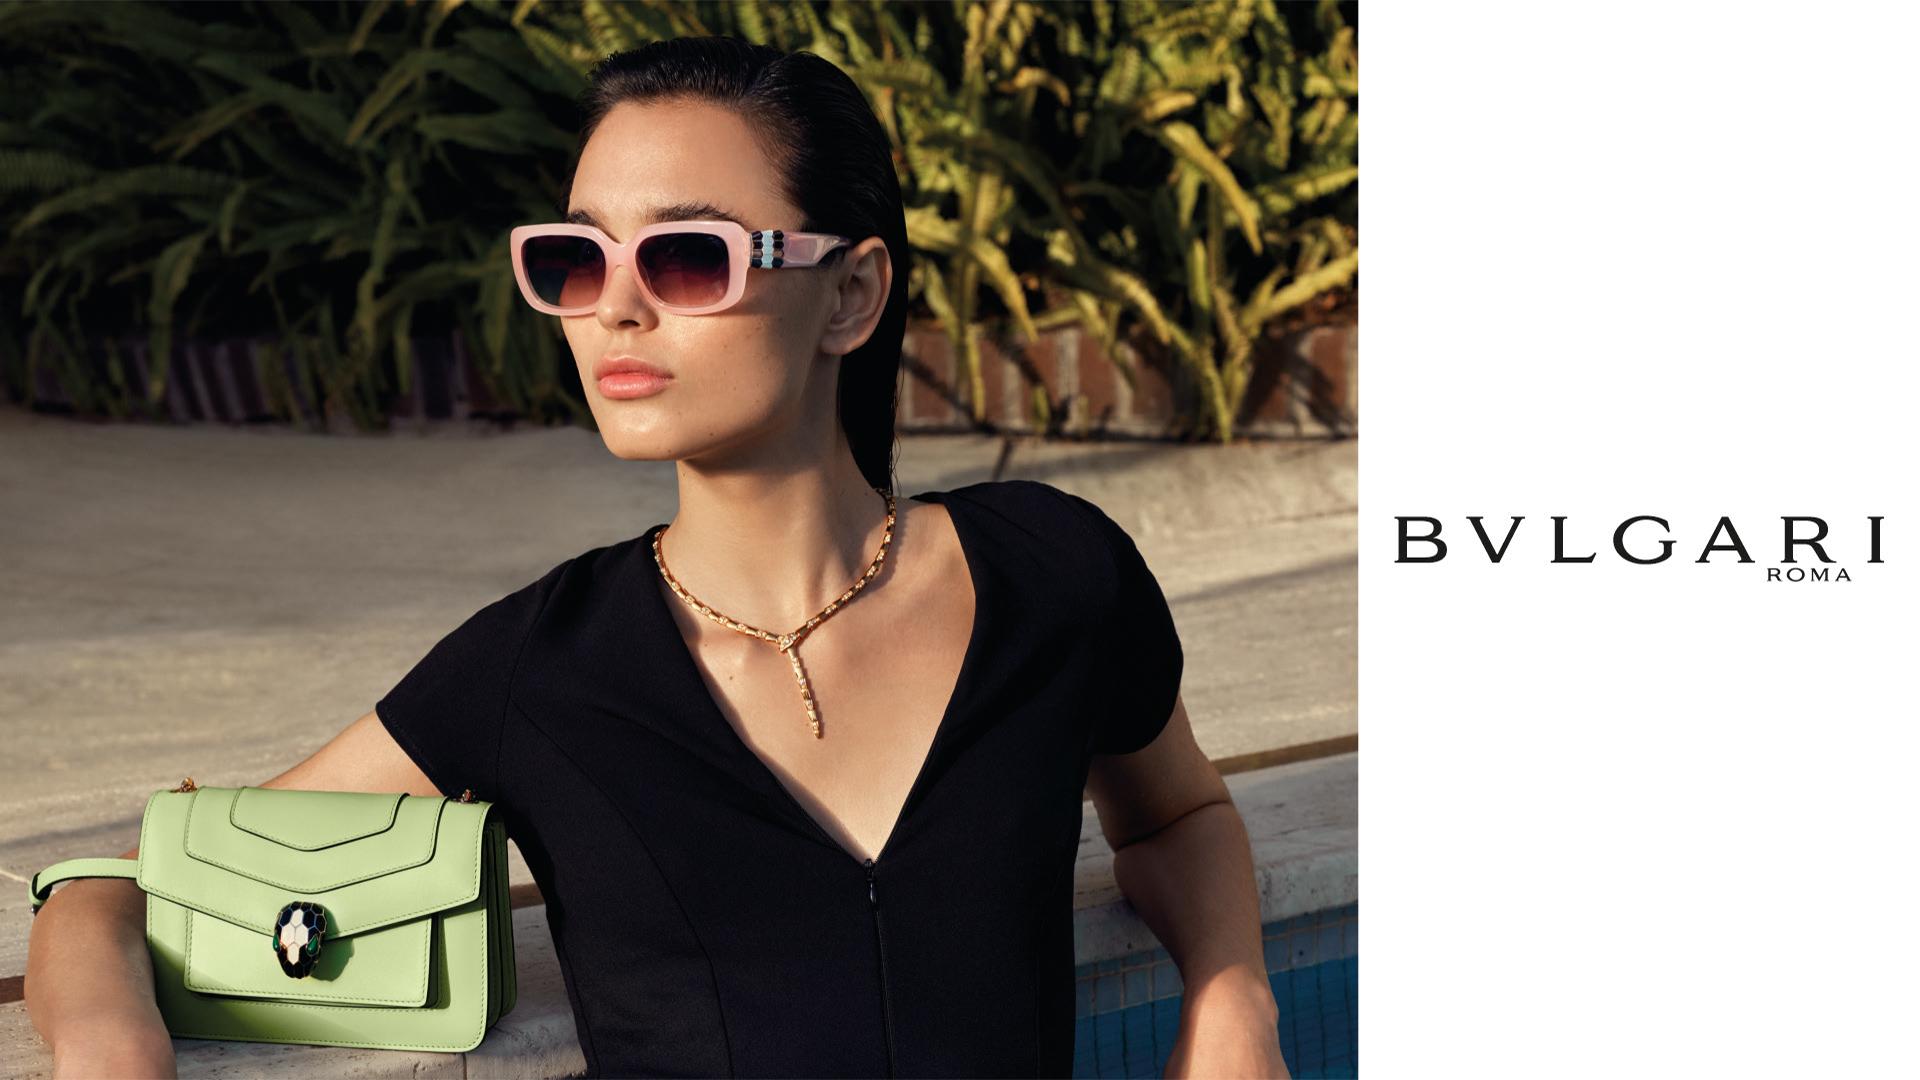 occhiali bvlgari centri belotti ottica udito